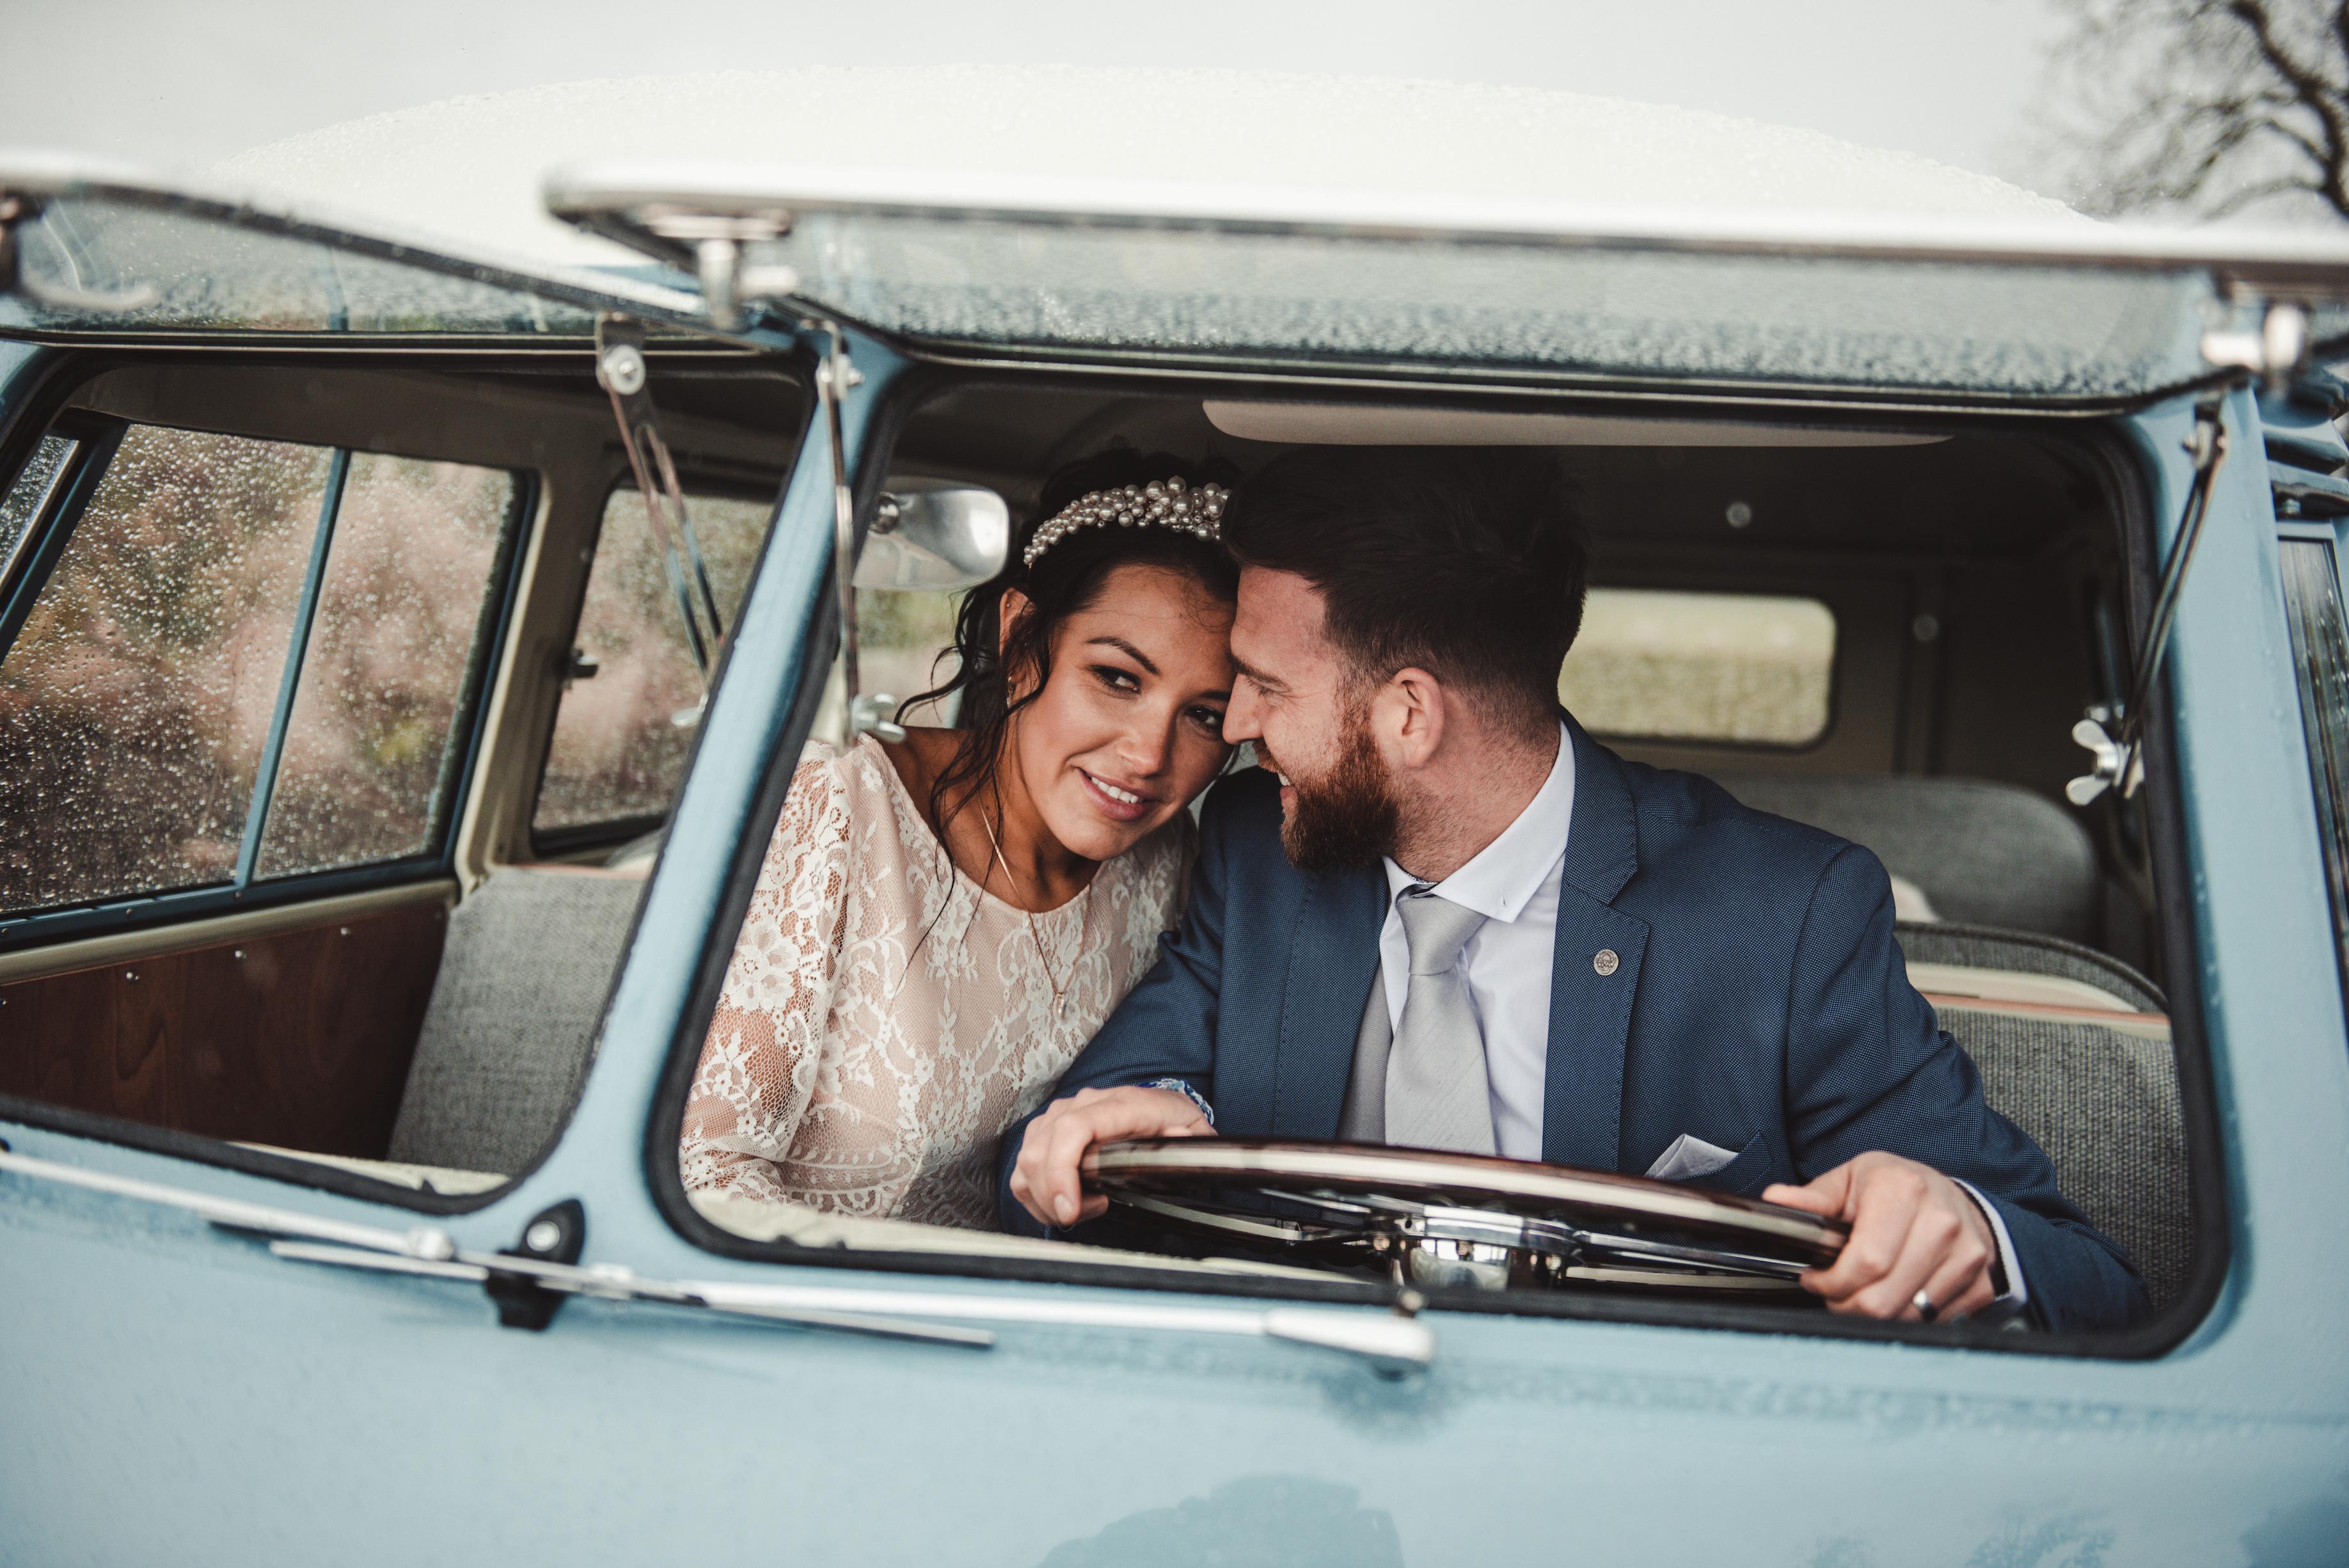 VW Camper Weddings